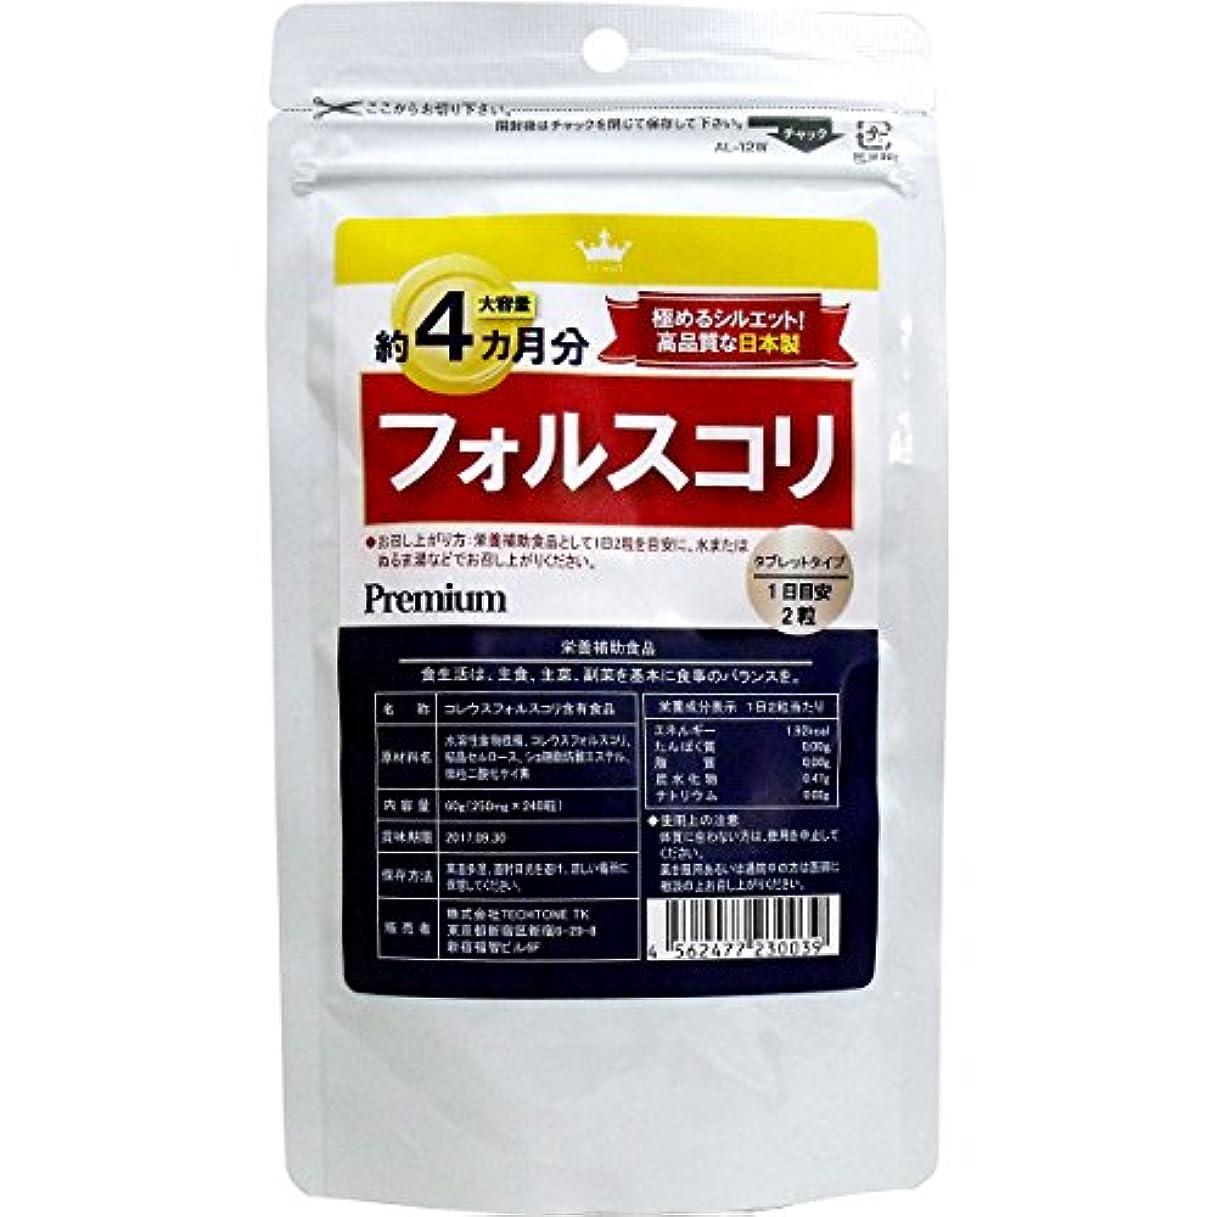 性別偉業食欲サプリ 高品質な日本製 話題の フォルスコリ 約4カ月分 240粒入【4個セット】